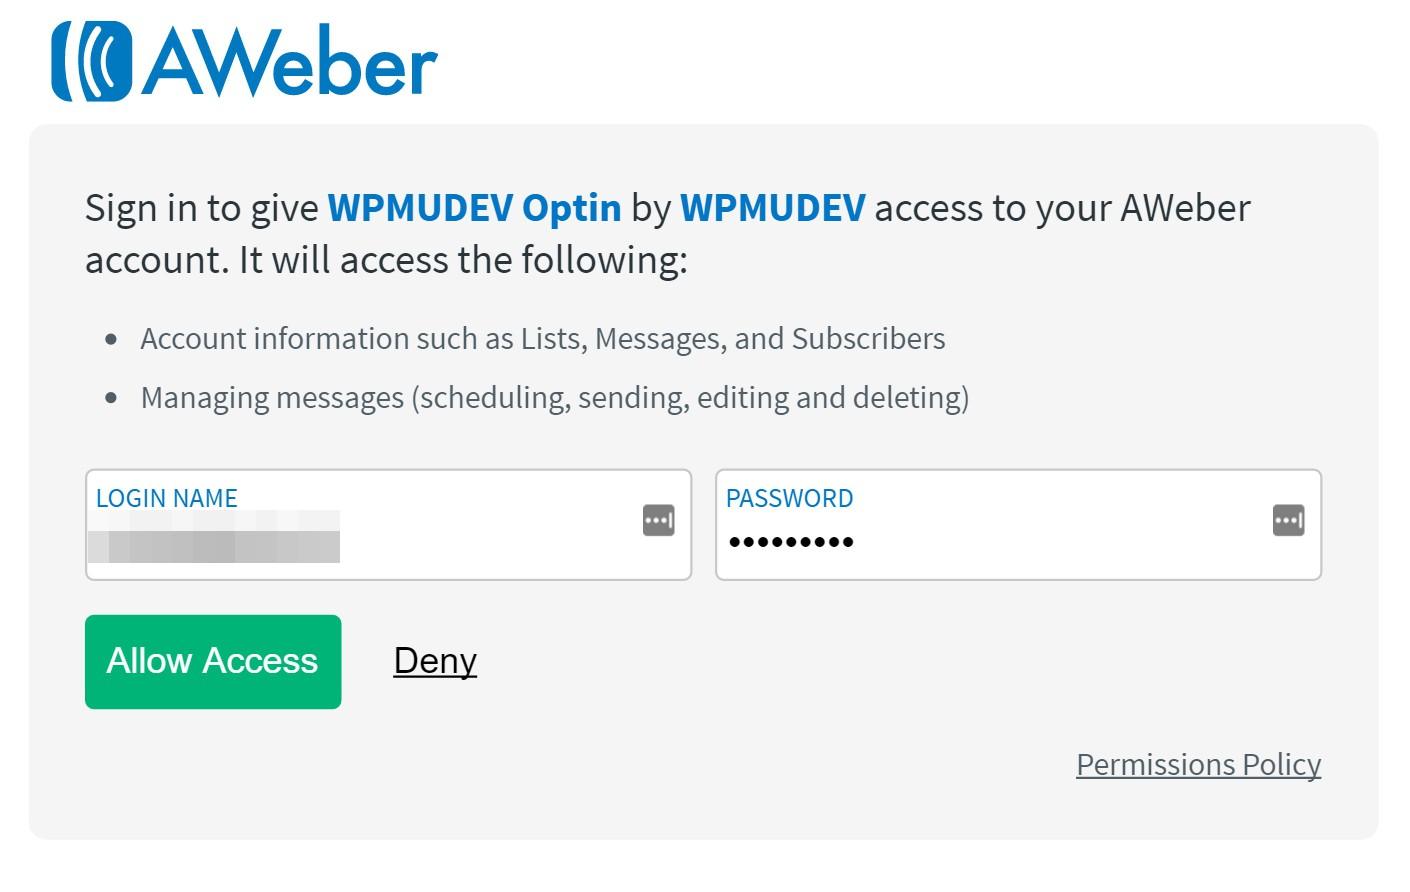 aweber_allow_access